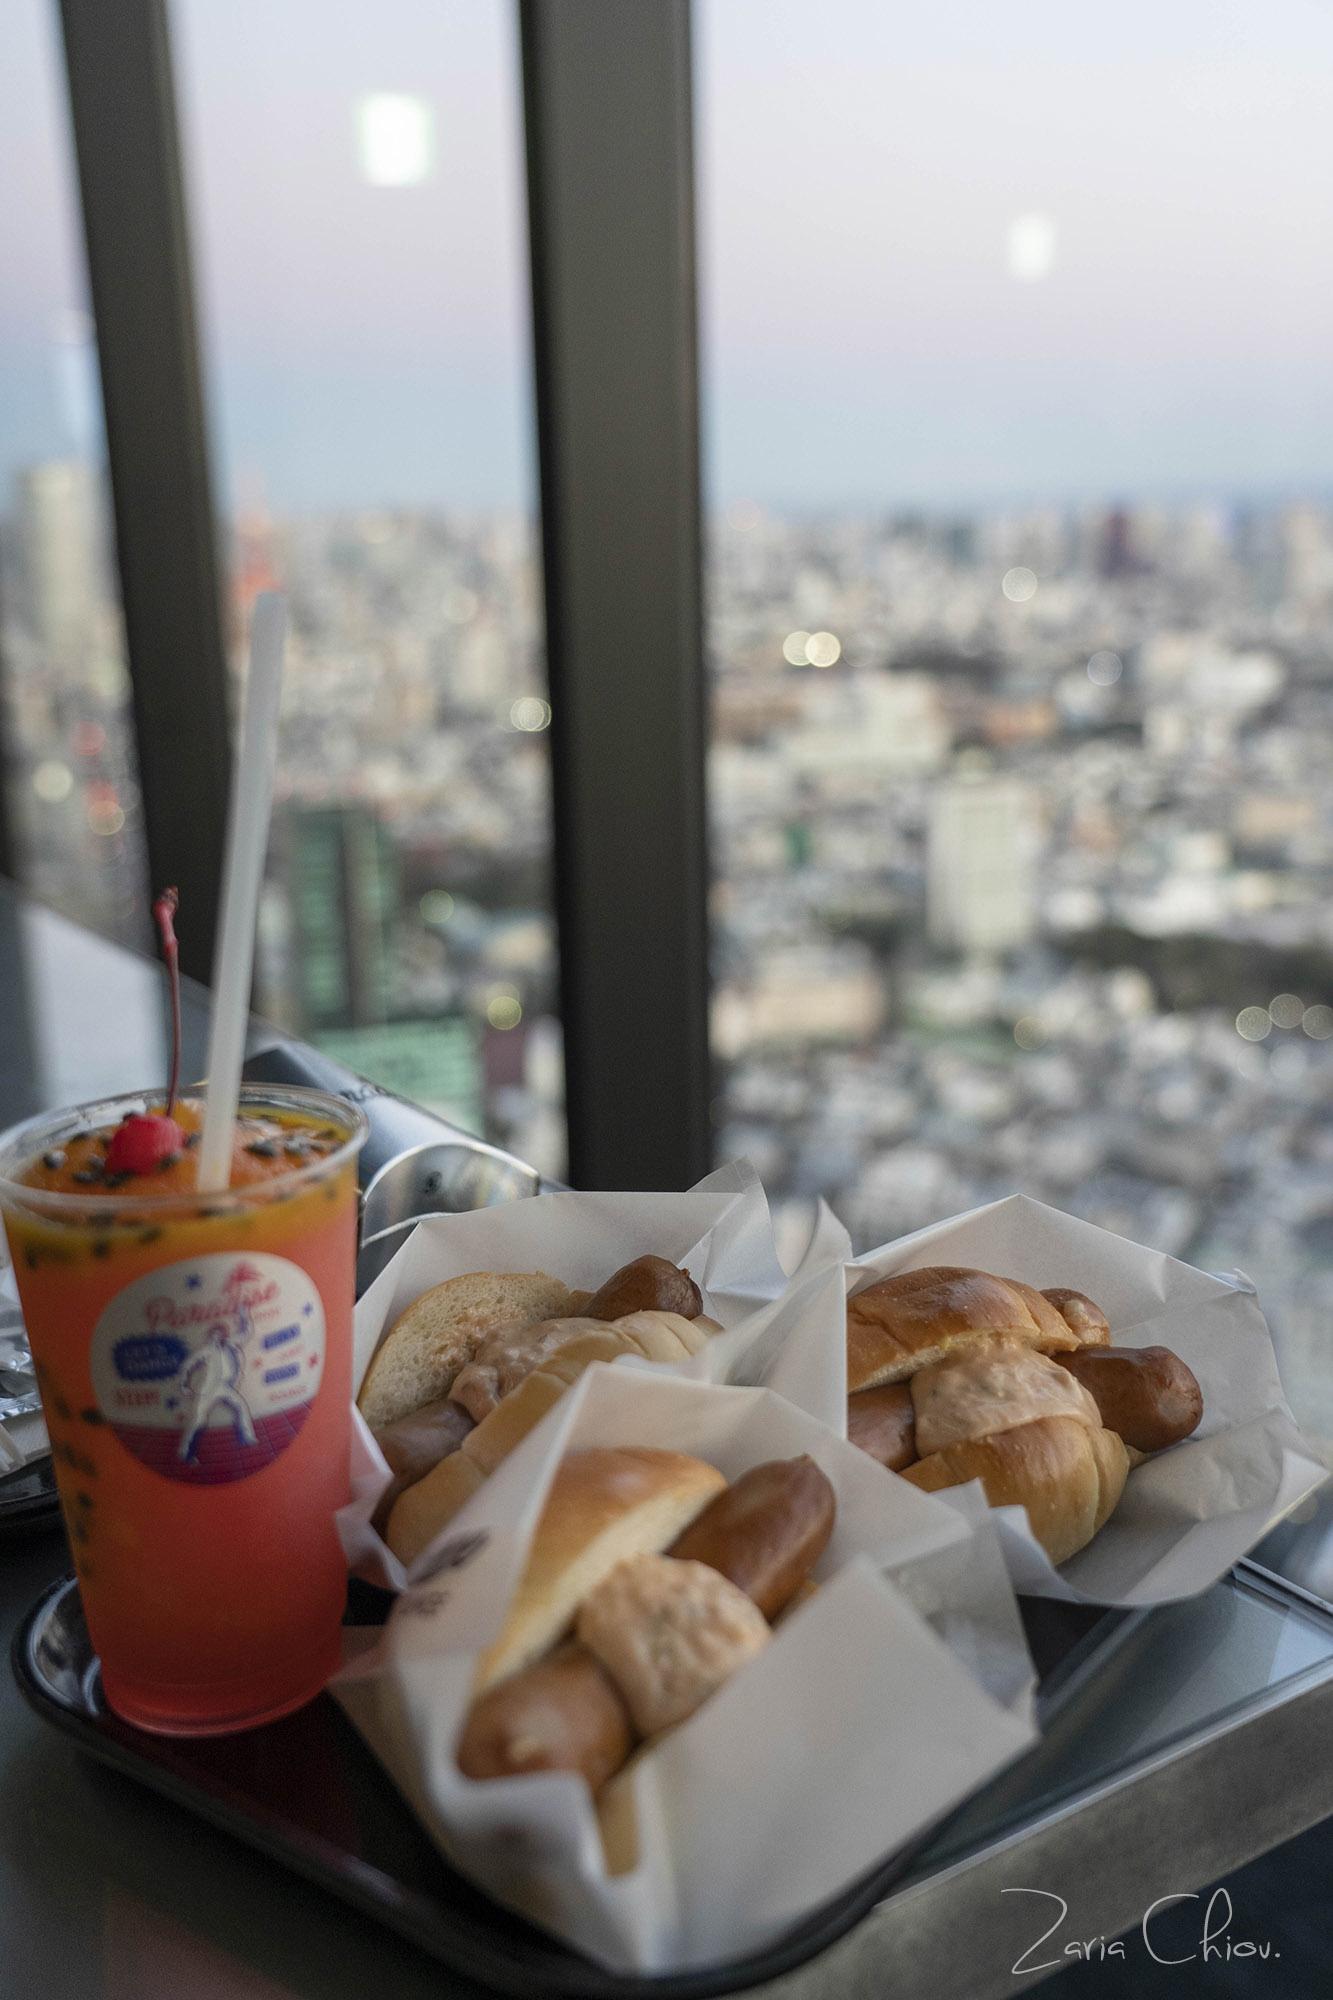 SHIBUYA SKY _Paradice Lounge